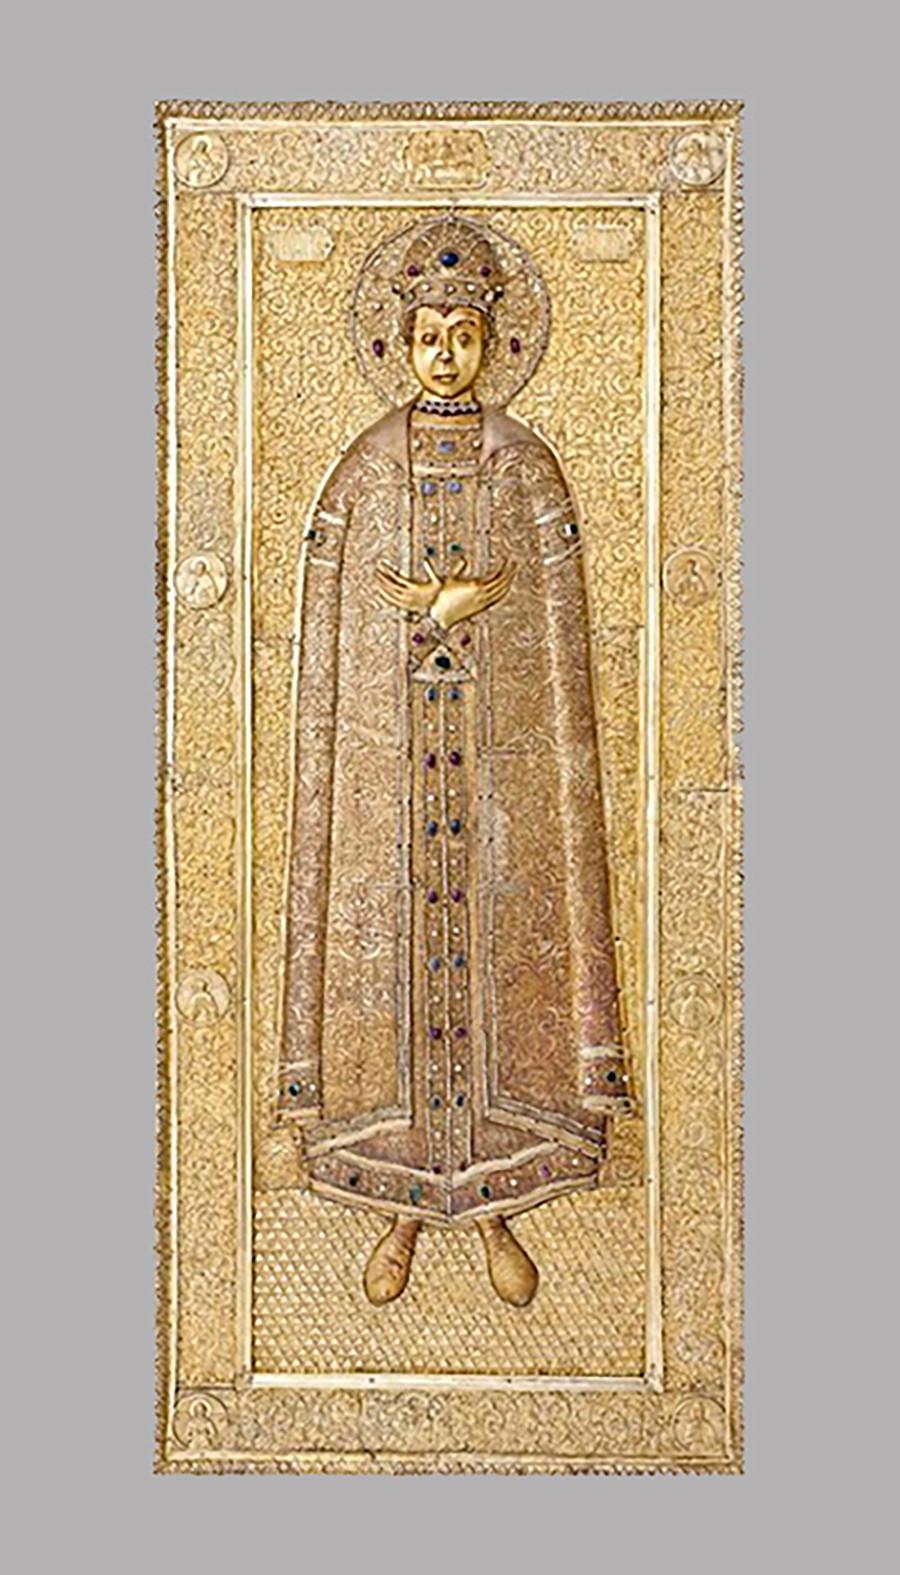 Couvercle de la châsse de saint Dmitri d'Ouglitch, 1628-1630